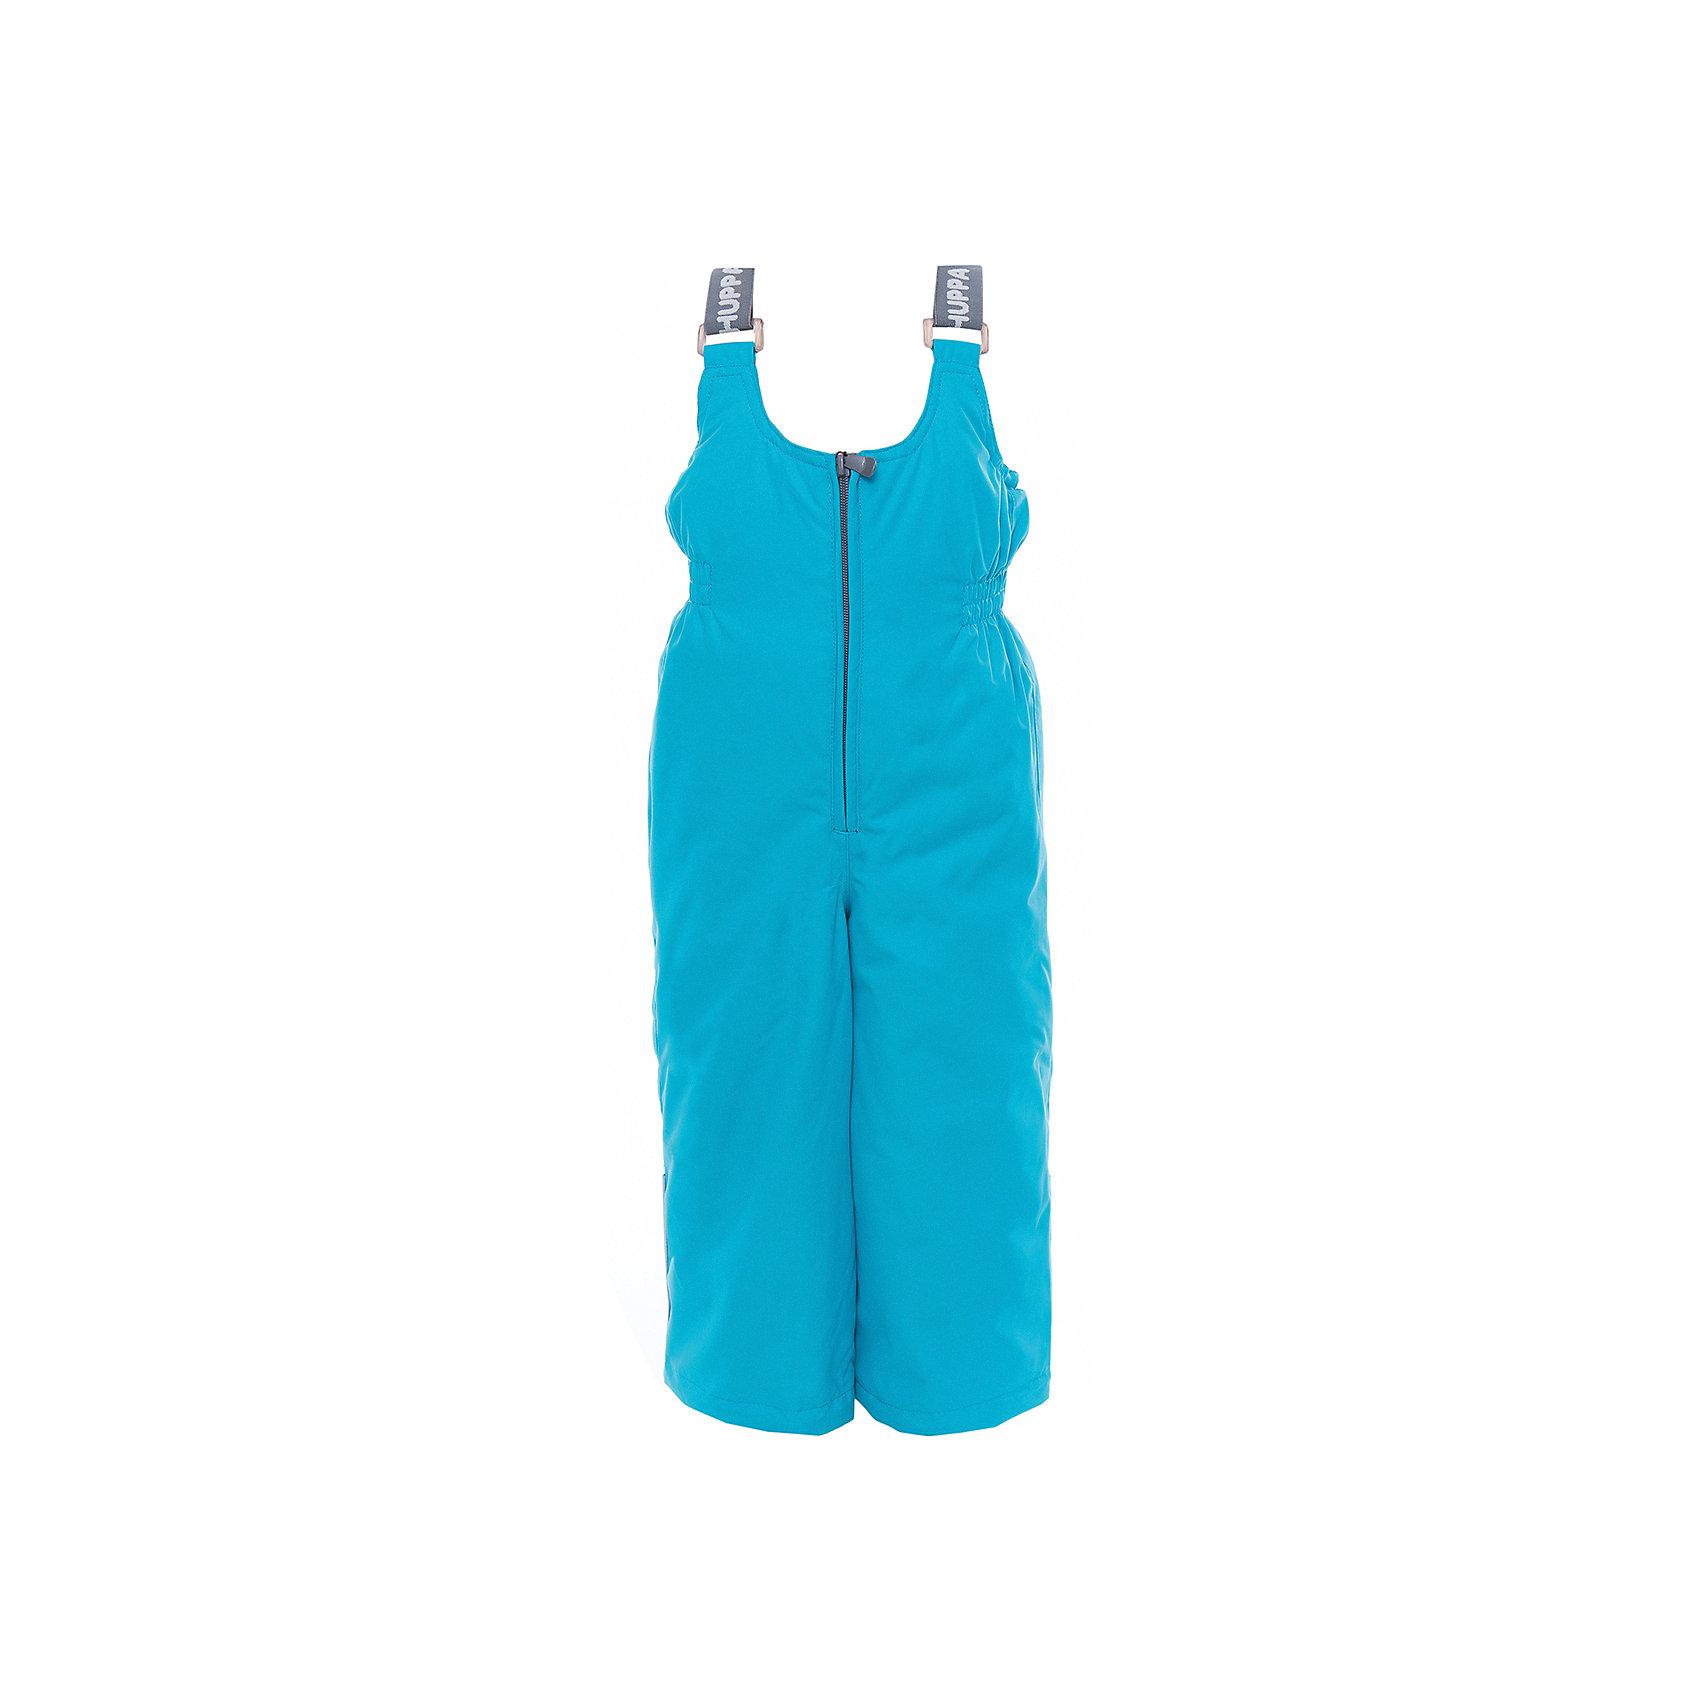 Брюки JORMA для девочки HuppaБрюки и полукомбинезоны<br>Характеристики товара:<br><br>• цвет: голубой<br>• ткань: 100% полиэстер<br>• подкладка: тафта - 100% полиэстер<br>• утеплитель: 100% полиэстер 100 г<br>• температурный режим: от -5°С до +10°С<br>• водонепроницаемость: 10000 мм<br>• воздухопроницаемость: 10000 мм<br>• светоотражающие детали<br>• шов сидения проклеен<br>• регулируемые низы брючин<br>• эластичный шнурок + фиксатор<br>• без внутренних швов<br>• резиновые подтяжки<br>• комфортная посадка<br>• коллекция: весна-лето 2017<br>• страна бренда: Эстония<br><br>Эти утепленные брюки обеспечат детям тепло и комфорт. Они сделаны из материала, отталкивающего воду, и дополнены подкладкой с утеплителем, поэтому изделие идеально подходит для межсезонья. Материал изделия - с мембранной технологией: защищая от влаги и ветра, он легко выводит лишнюю влагу наружу. Для удобства лямки сделаны регулиющимися, а манжеты - эластичными. Брюки очень симпатично смотрятся. Модель была разработана специально для детей.<br><br>Одежда и обувь от популярного эстонского бренда Huppa - отличный вариант одеть ребенка можно и комфортно. Вещи, выпускаемые компанией, качественные, продуманные и очень удобные. Для производства изделий используются только безопасные для детей материалы. Продукция от Huppa порадует и детей, и их родителей!<br><br>Брюки JORMA от бренда Huppa (Хуппа) можно купить в нашем интернет-магазине.<br><br>Ширина мм: 215<br>Глубина мм: 88<br>Высота мм: 191<br>Вес г: 336<br>Цвет: голубой<br>Возраст от месяцев: 96<br>Возраст до месяцев: 108<br>Пол: Женский<br>Возраст: Детский<br>Размер: 134,92,98,104,110,116,122,128<br>SKU: 5347227